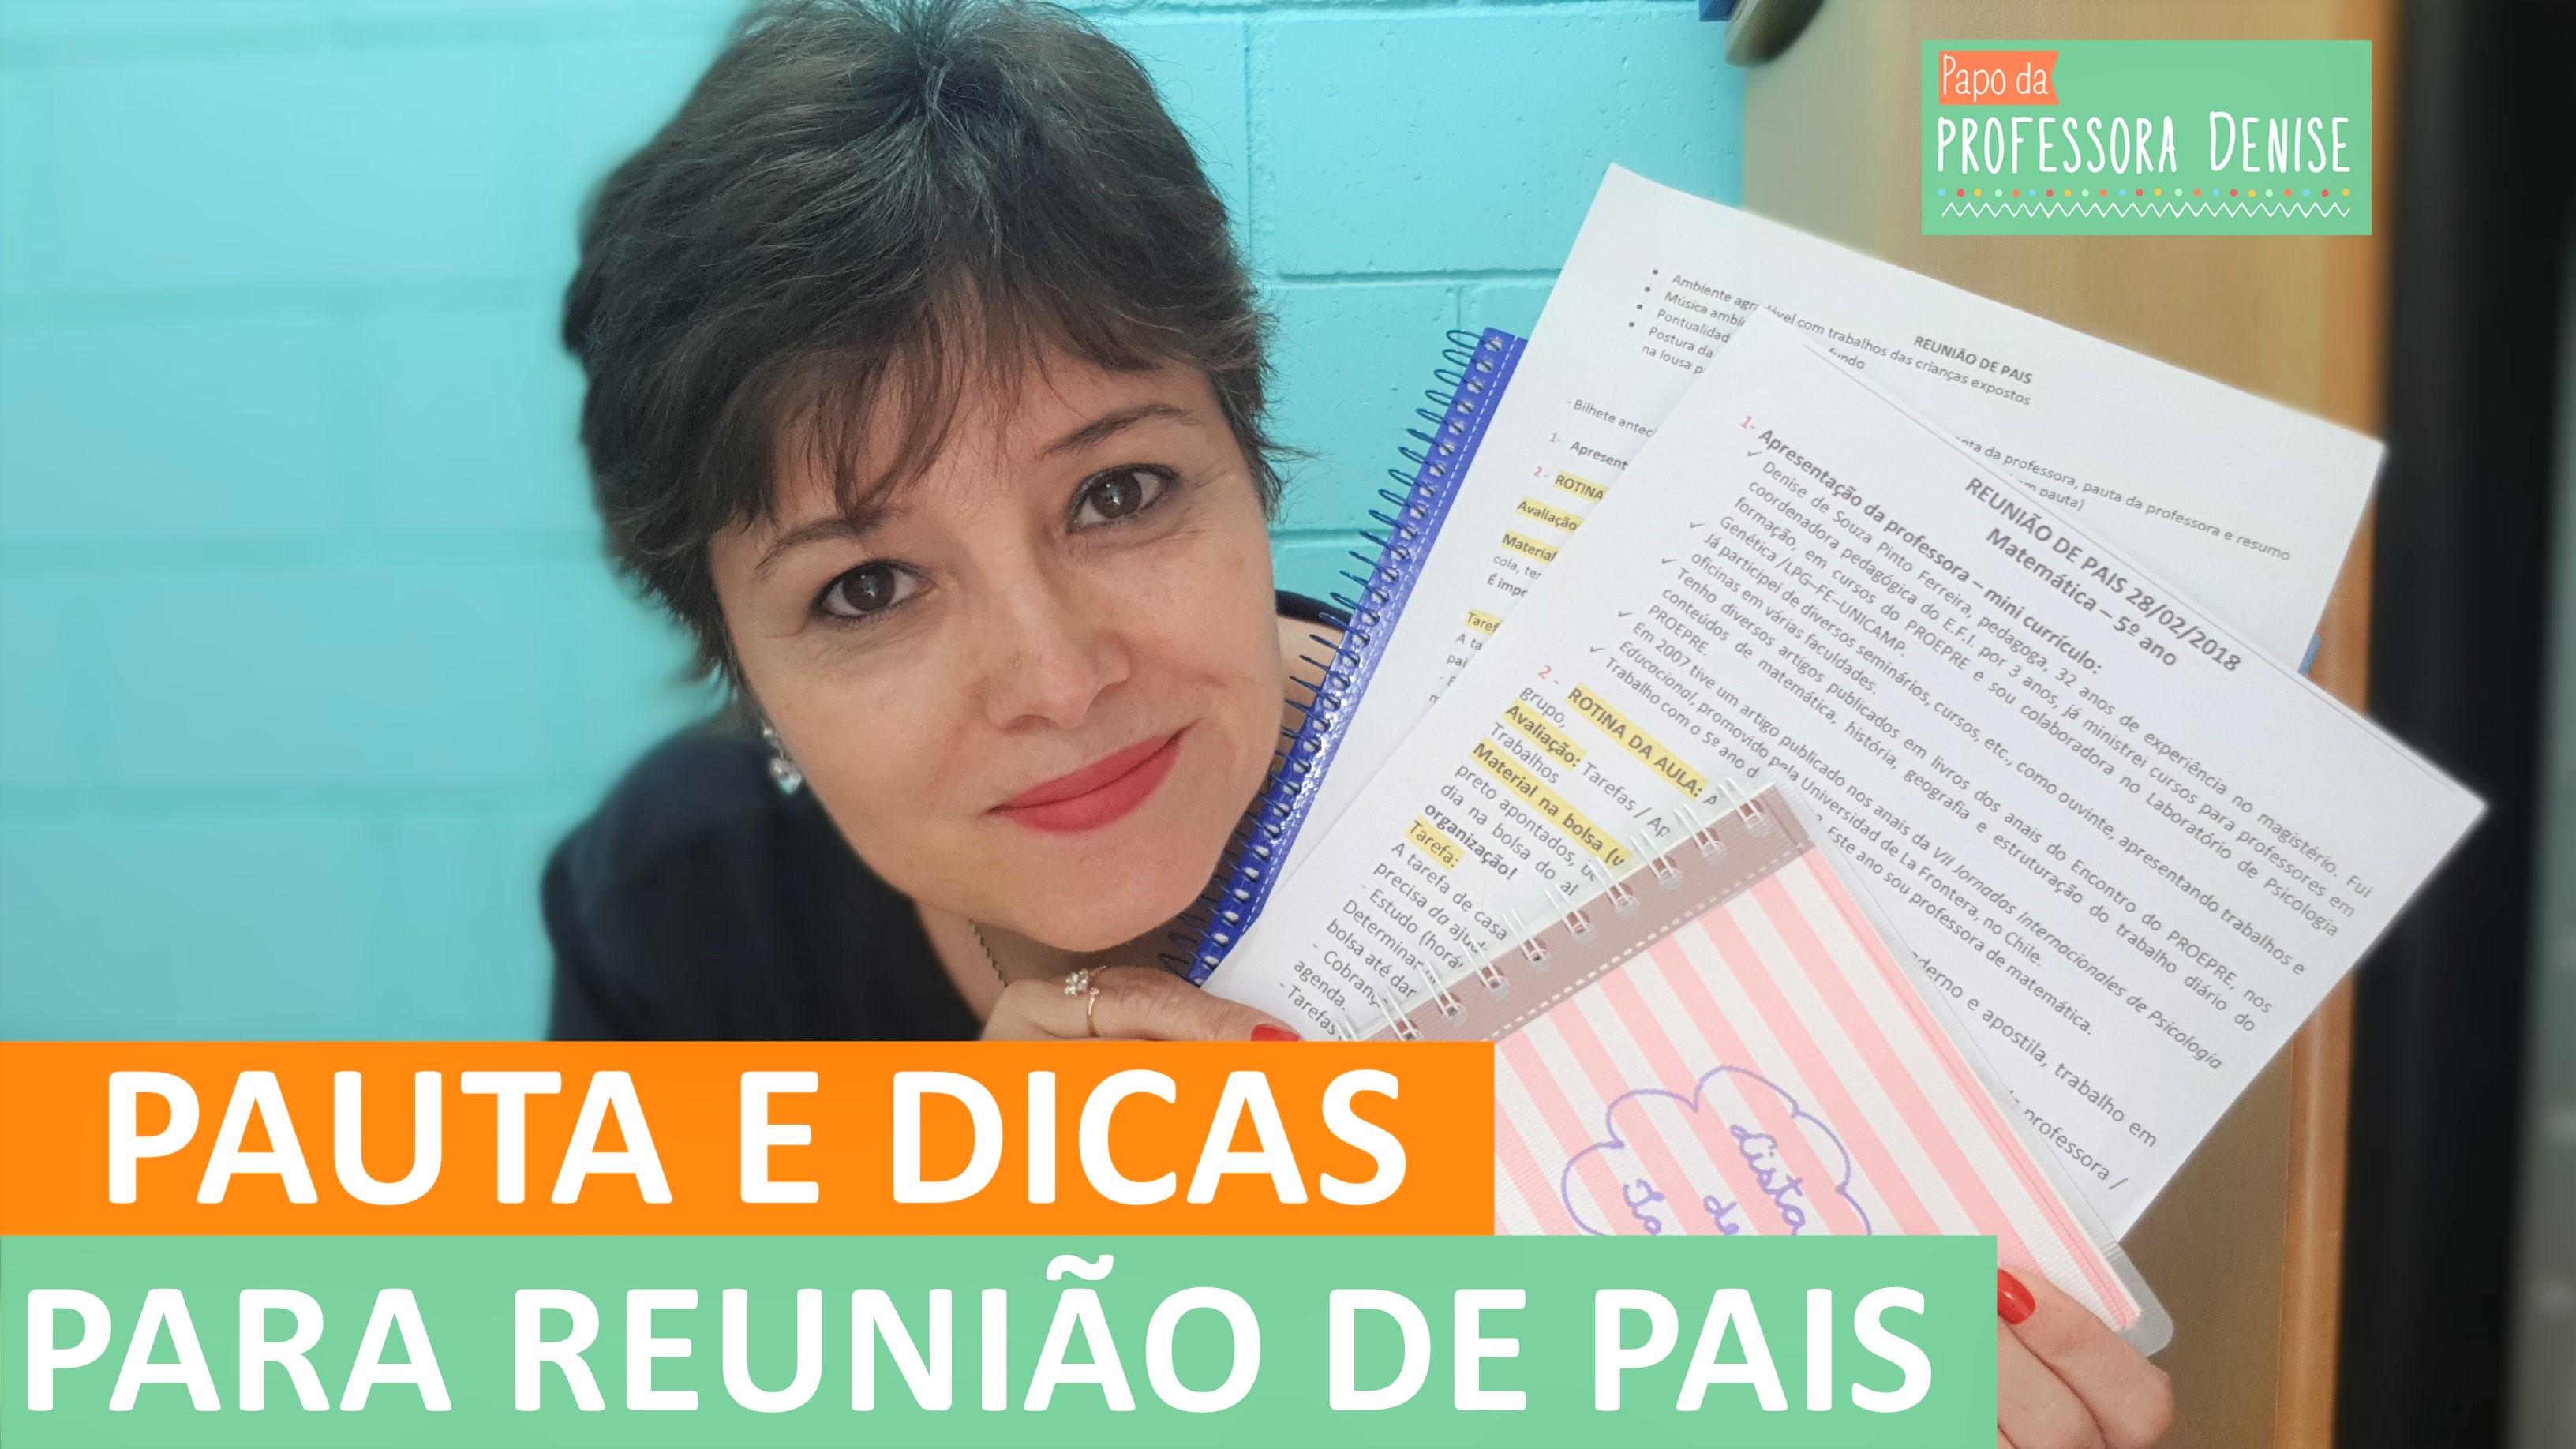 SUPER DICAS PARA ORGANIZAR A REUNIÃO DE PAIS 1